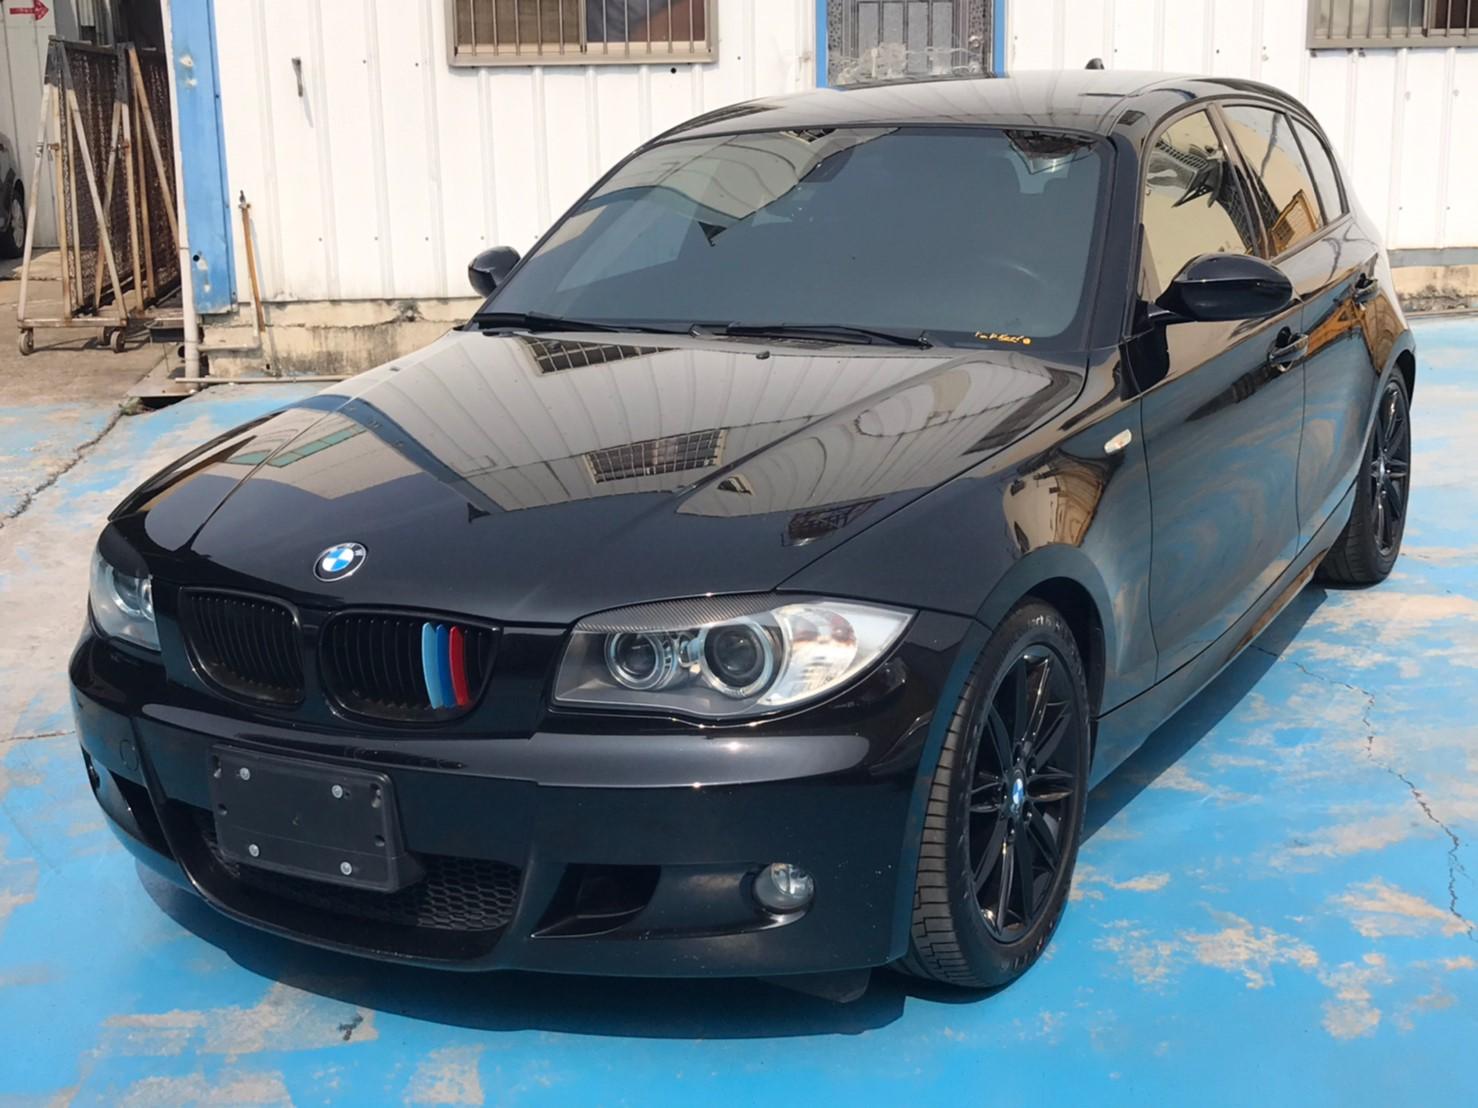 2009 BMW 寶馬 1 series